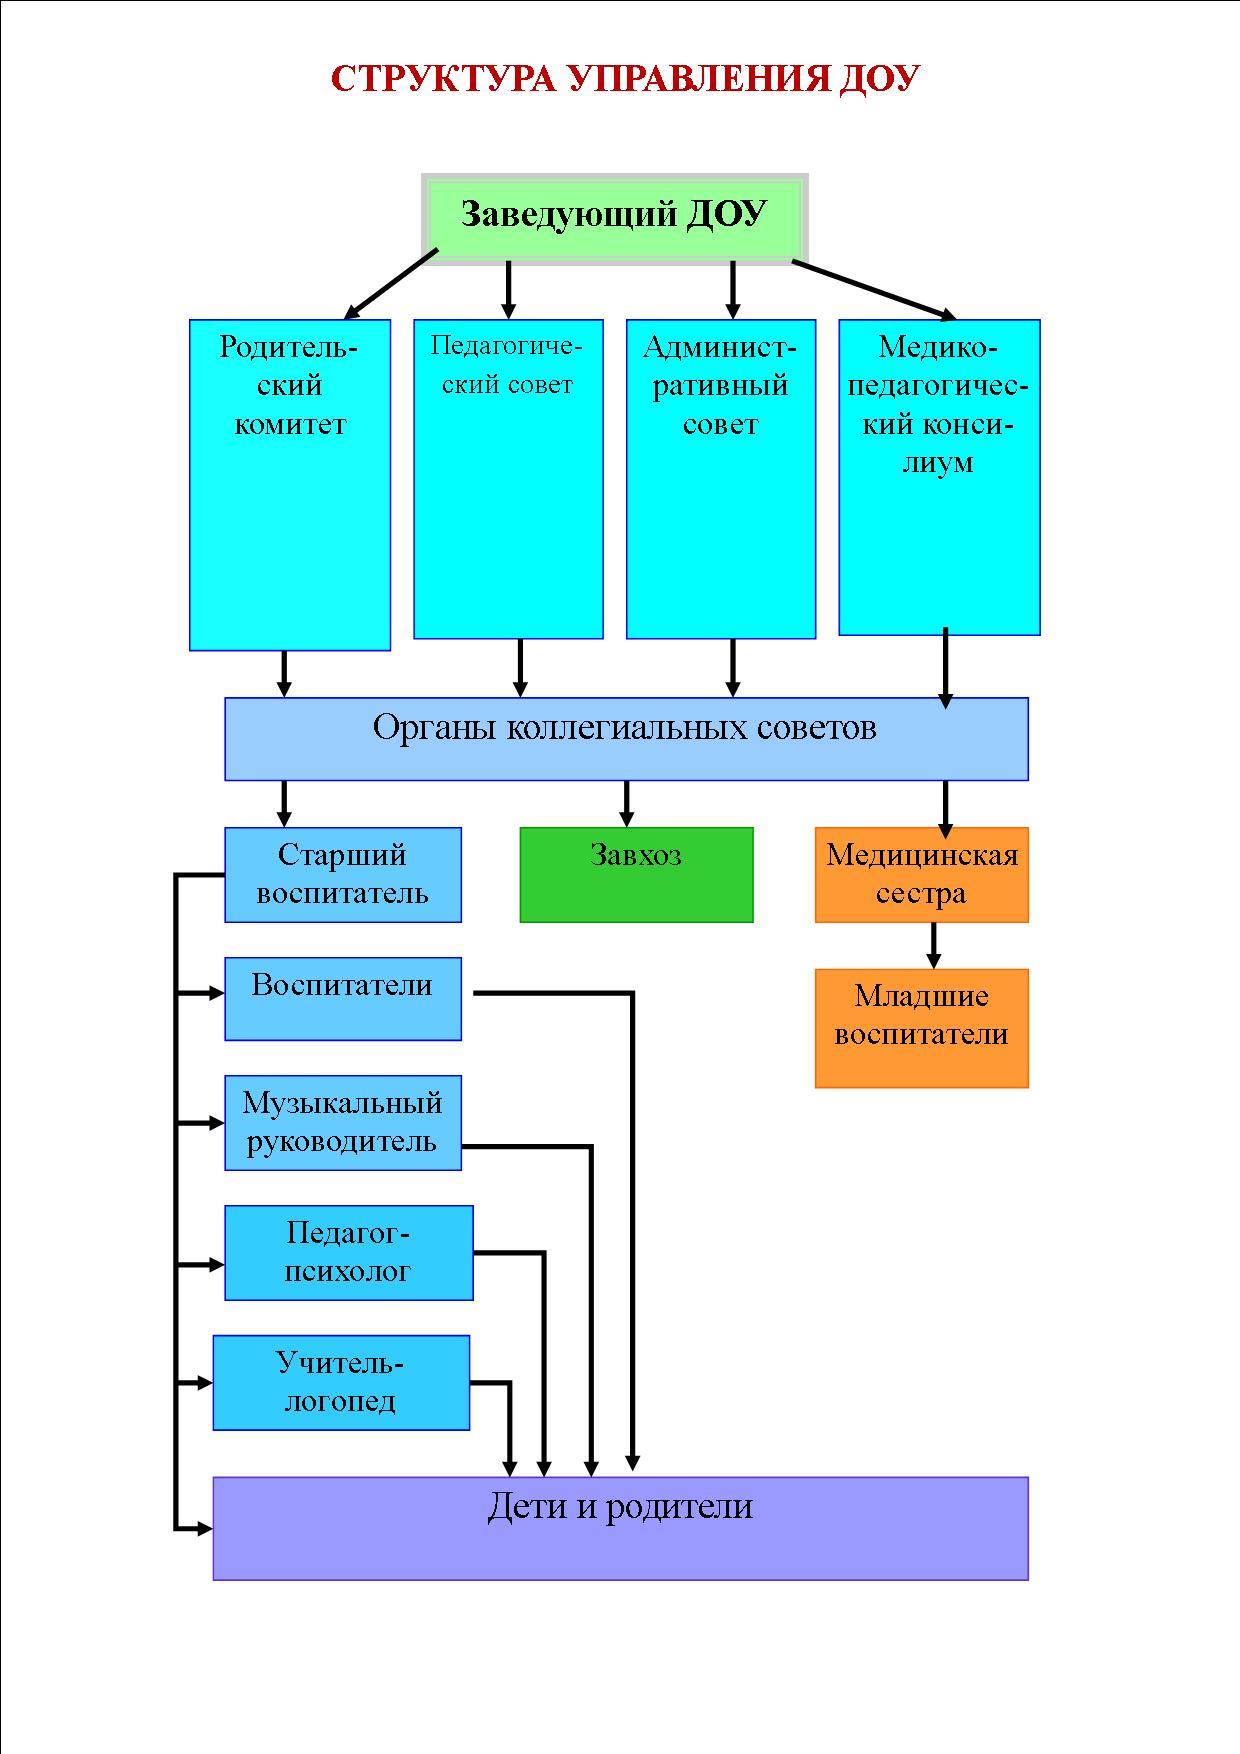 Матричная схема организационной структуры управления